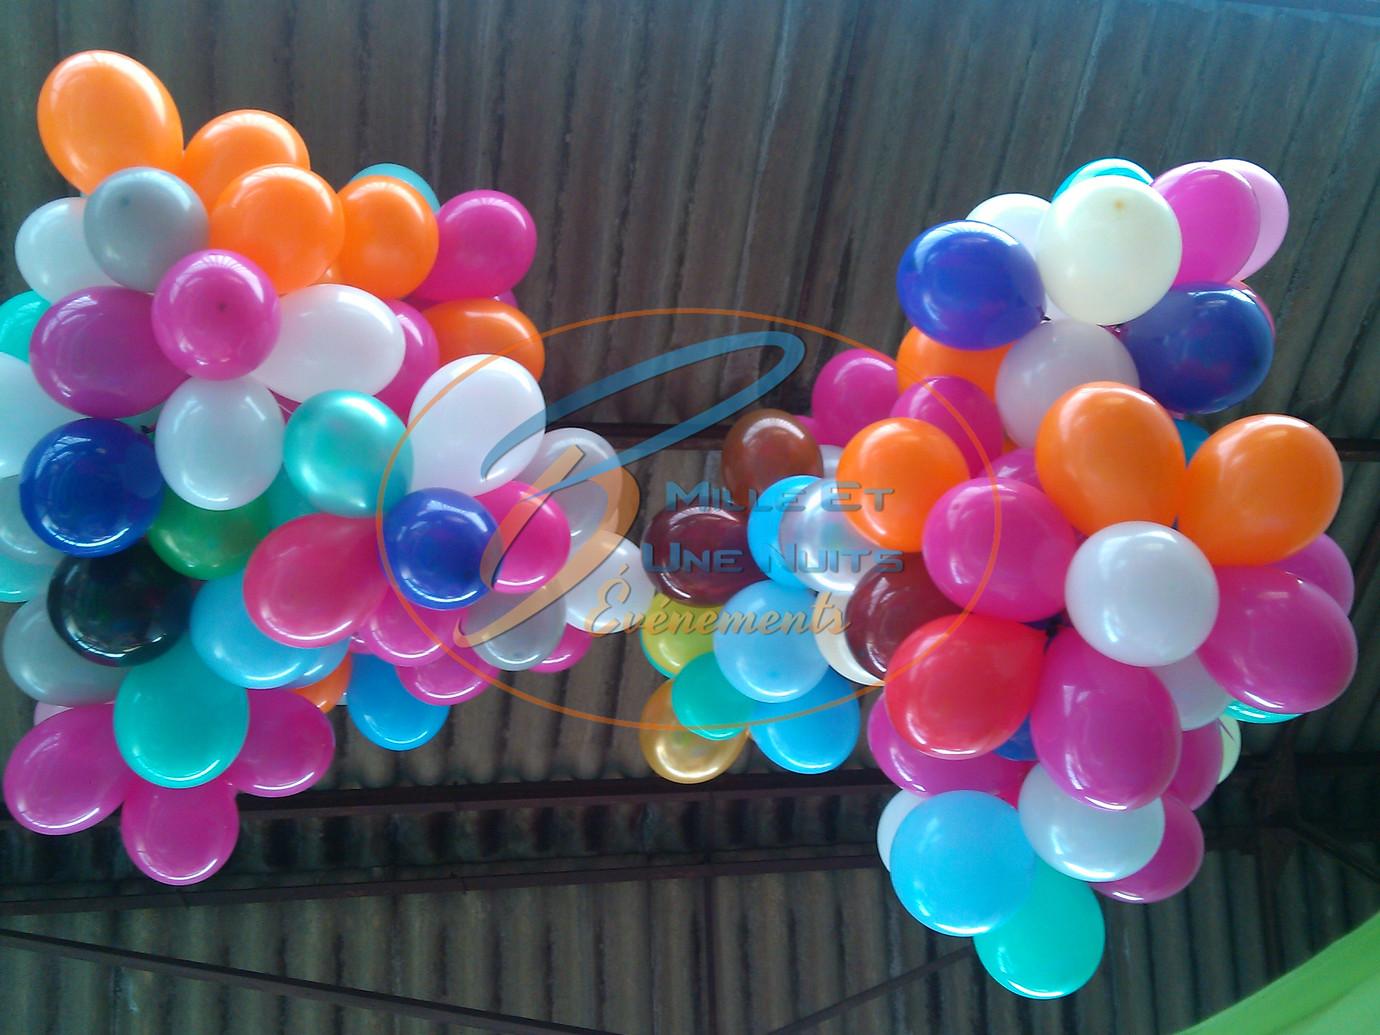 Décoration Nuage de Ballon Anniversaire:: en Bretagne (ille et vilaine, Fougères, Rennes, Vitré), Normandie, Pays de la loire